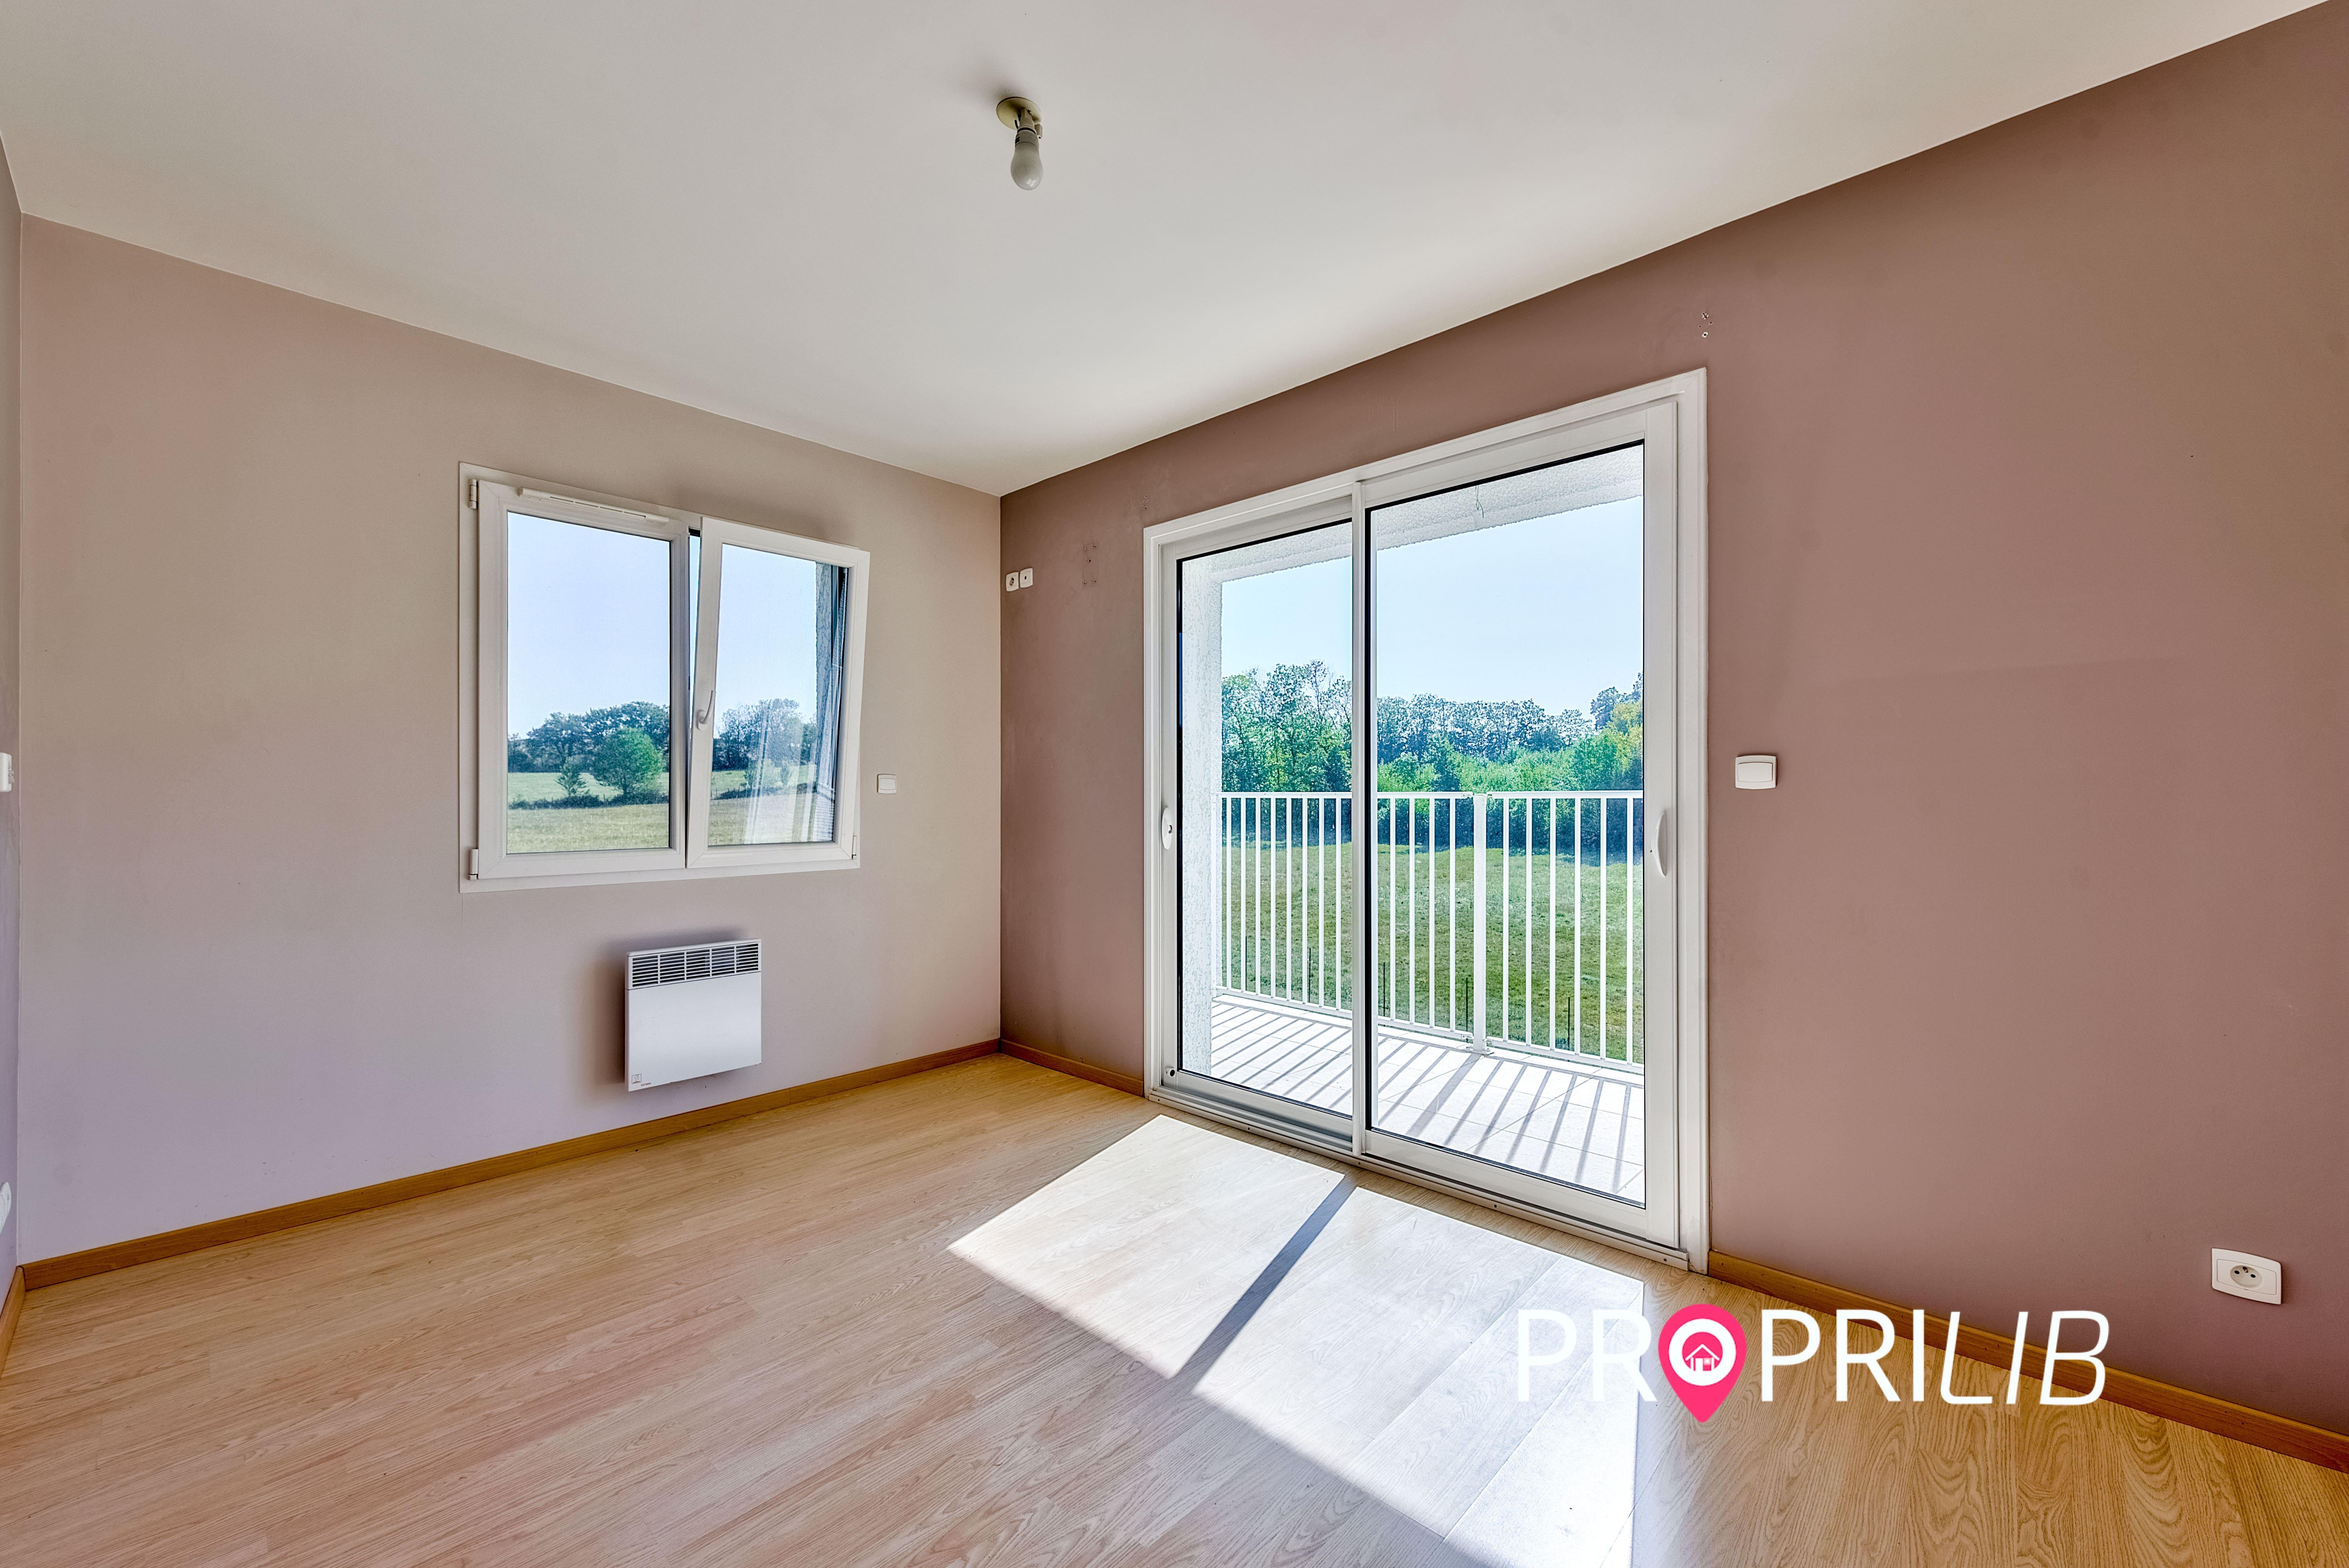 PropriLib l'agence immobilière en ligne à commission fixe vend cette maison à Meyrieu-les-Etangs